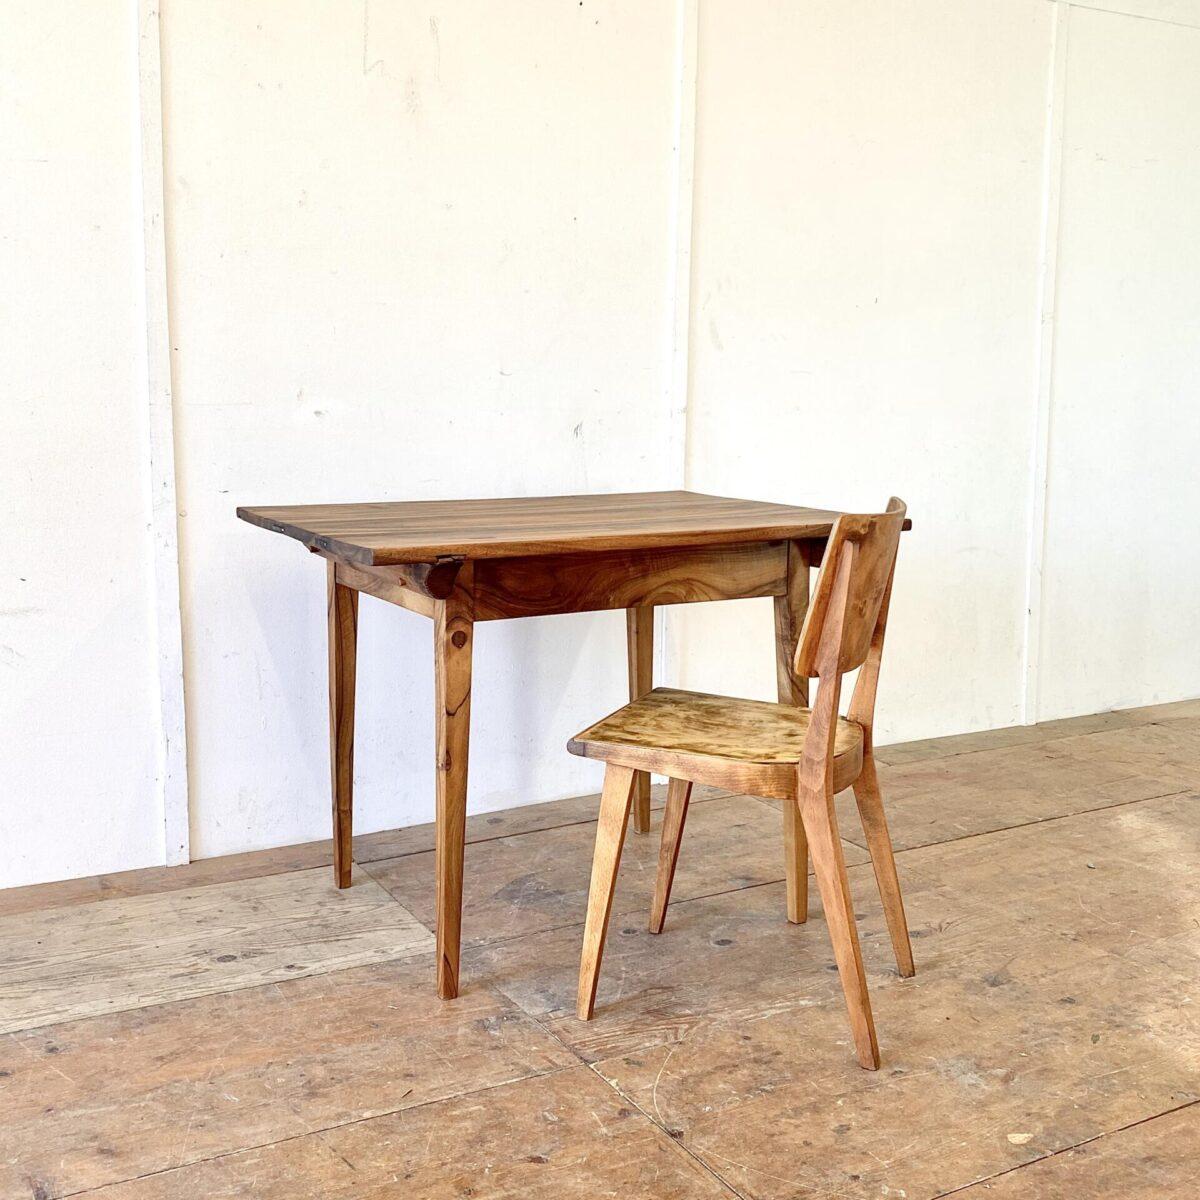 Deuxieme.shop Kleiner Nussbaum Biedermeiertisch aus Nussbaumholz. 104x78cm Höhe 75.5cm. Dieser Schreibtisch oder Küchentisch hat eine satte lebhafte Holzmaserung. Das Tischblatt bestehend aus drei breiten brettern hat ein paar eingesetzte Flicke. An den Stirnseiten sind die Leimfugen mit Metallklammern verstärkt. Die abnehmbare Tischplatte ist mittels Holzzapfen mit dem Unterbau verbunden. Die Holzoberflächen sind mit Naturöl behandelt.